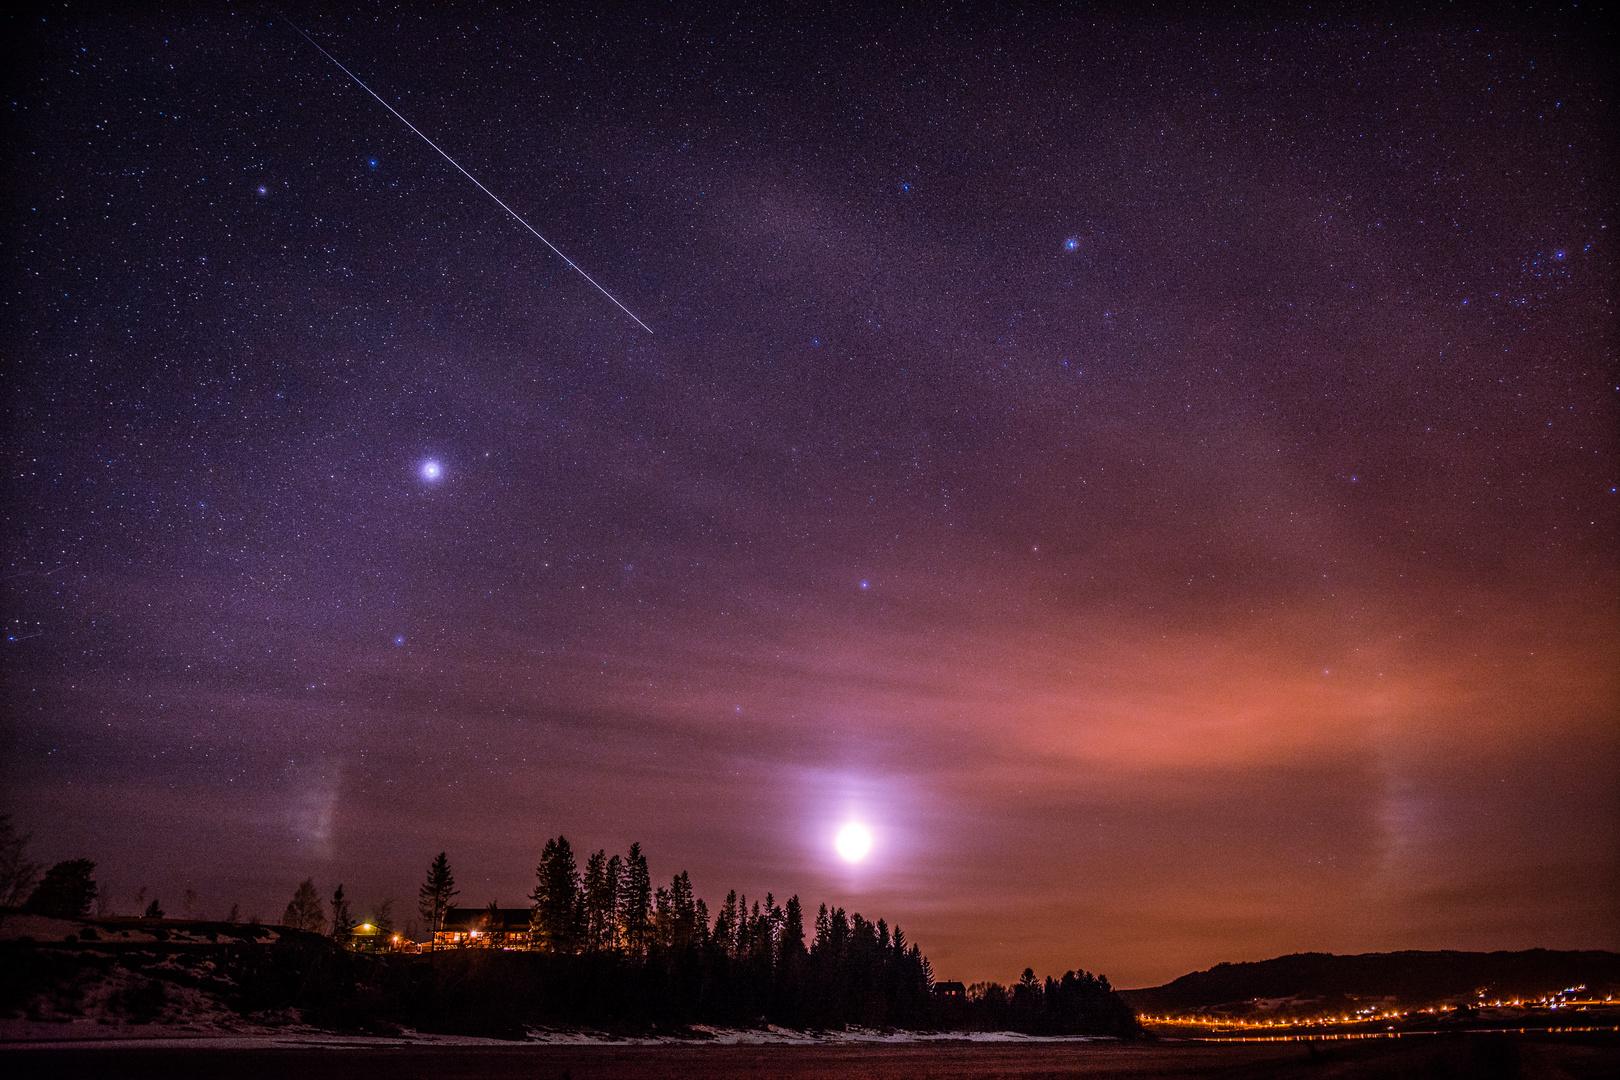 Die Sternschnuppe trifft auf Mond-Halu